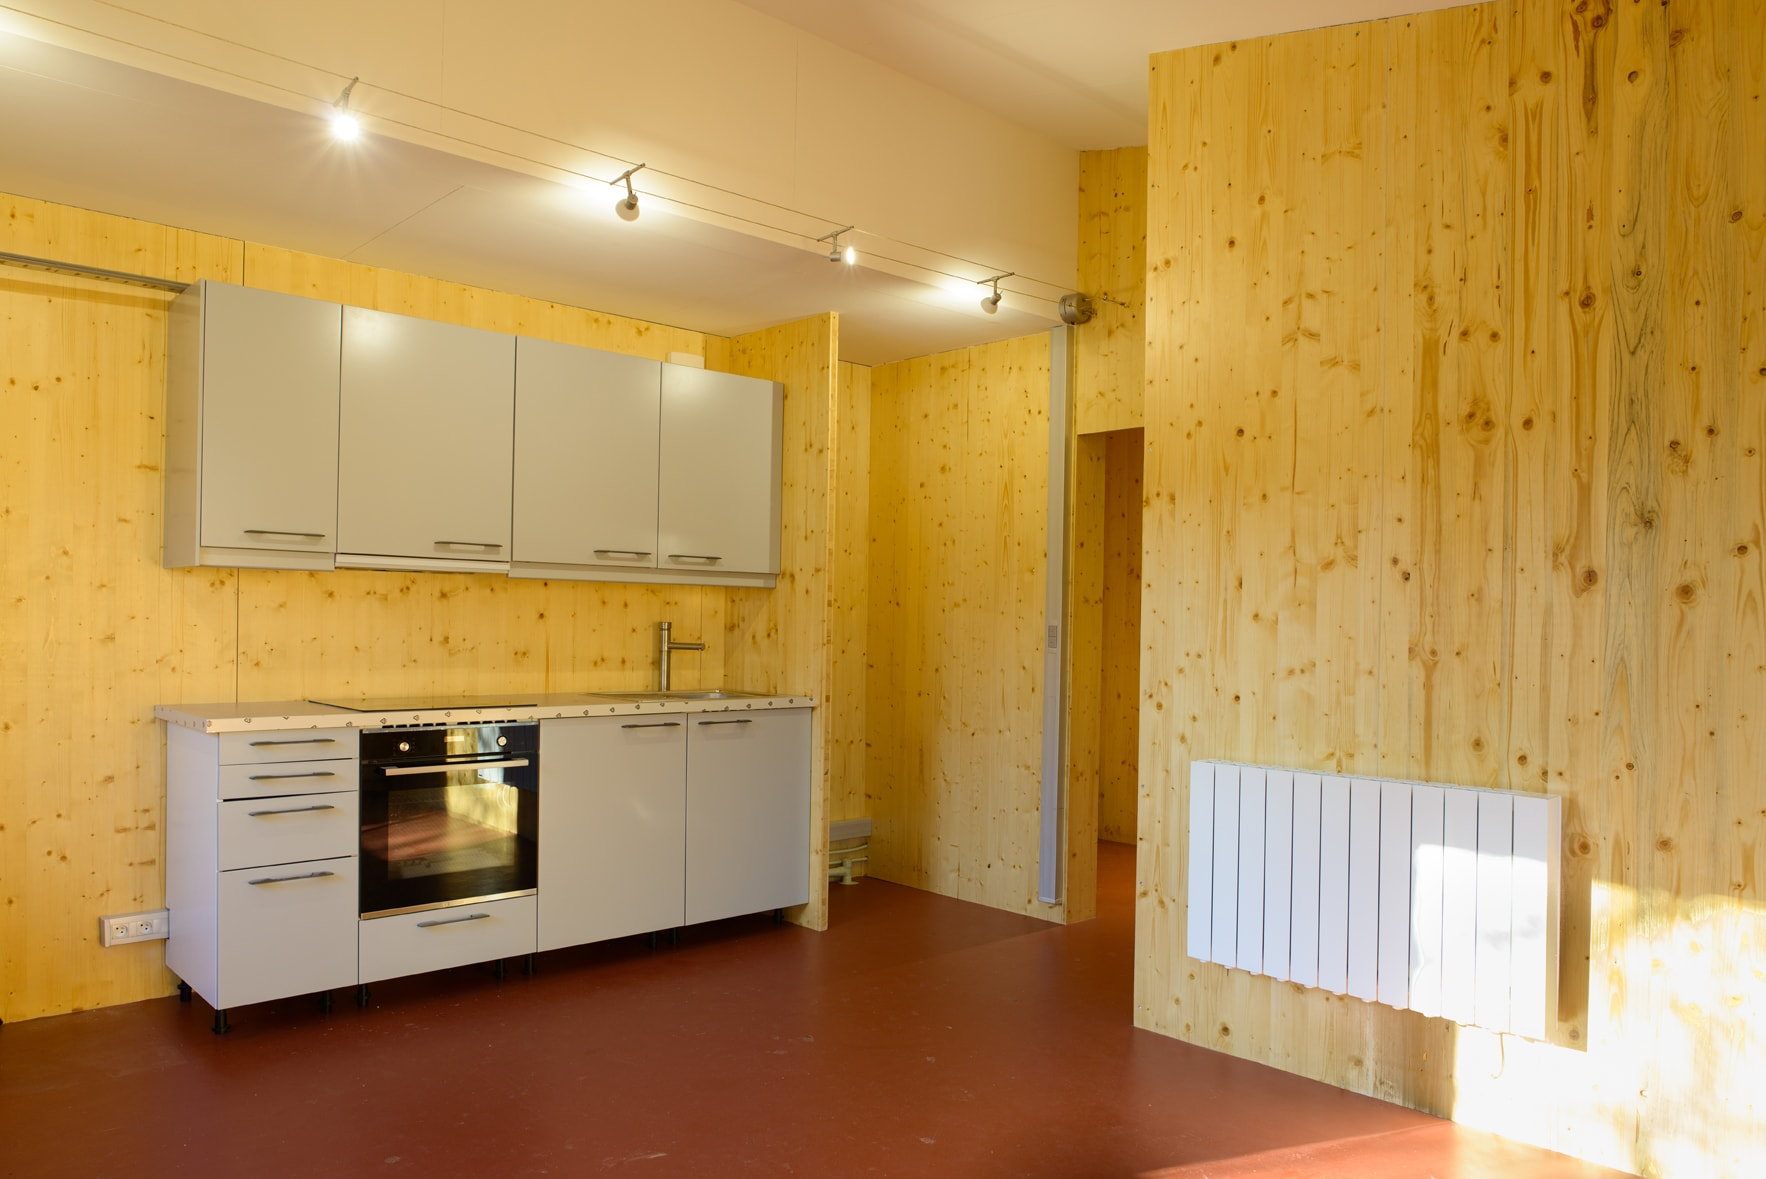 Intérieur bois modulaire démontable agilcare maison qui déménage